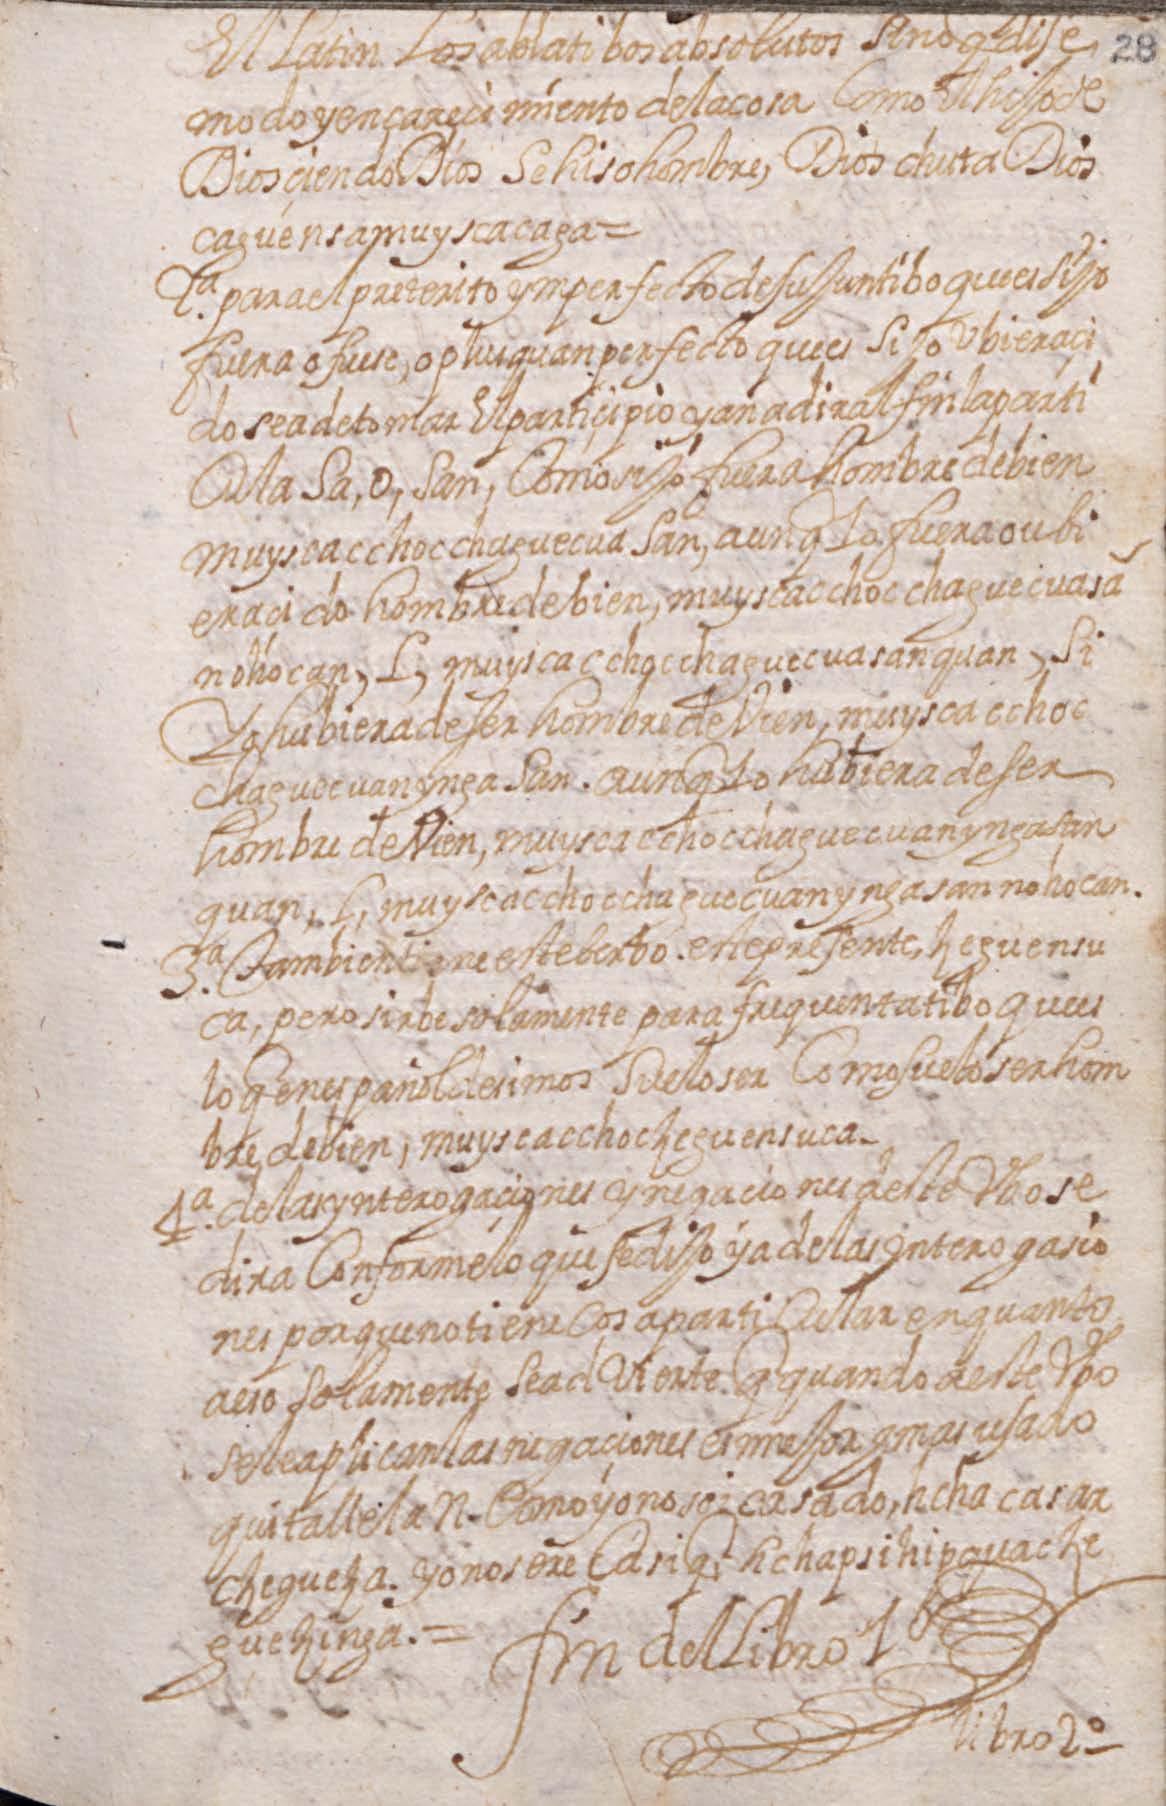 Manuscrito 158 BNC Gramatica - fol 28r.jpg